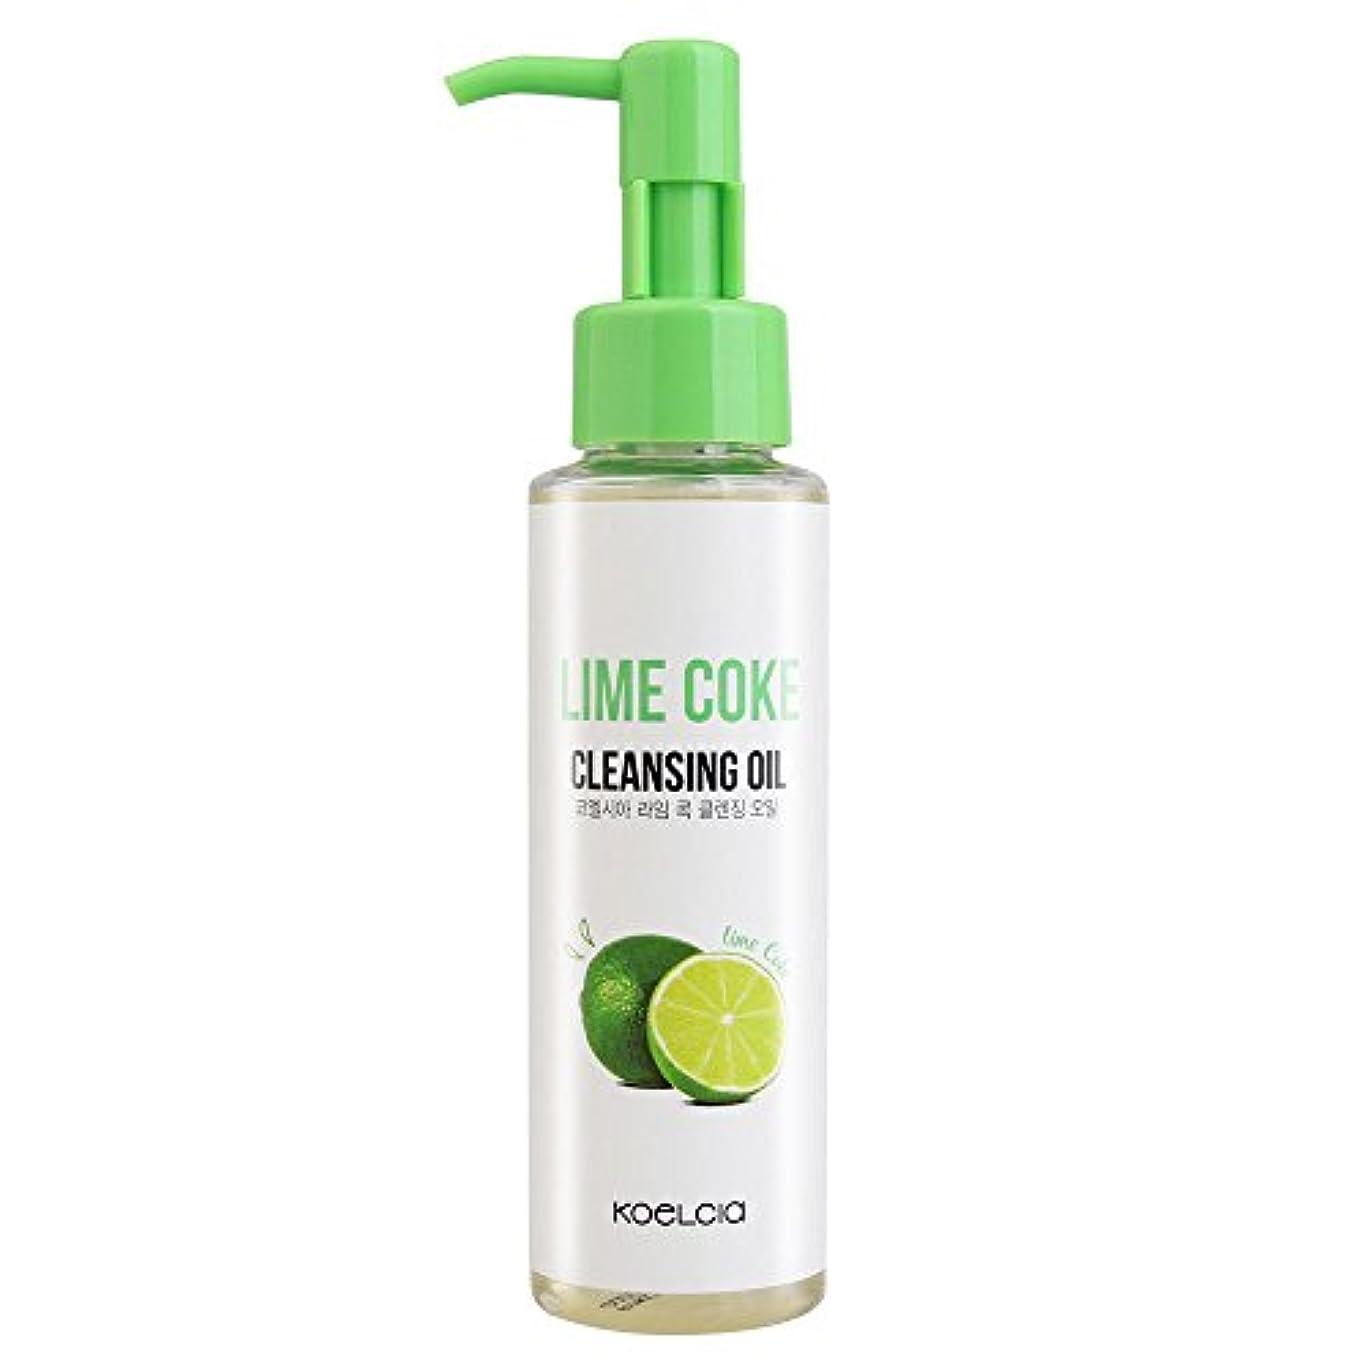 ディスカウント破壊的なスラム街KOELCIA Lime Coke Cleansing Oil 100ml/コエルシア ライム コーク クレンジング オイル 100ml [並行輸入品]